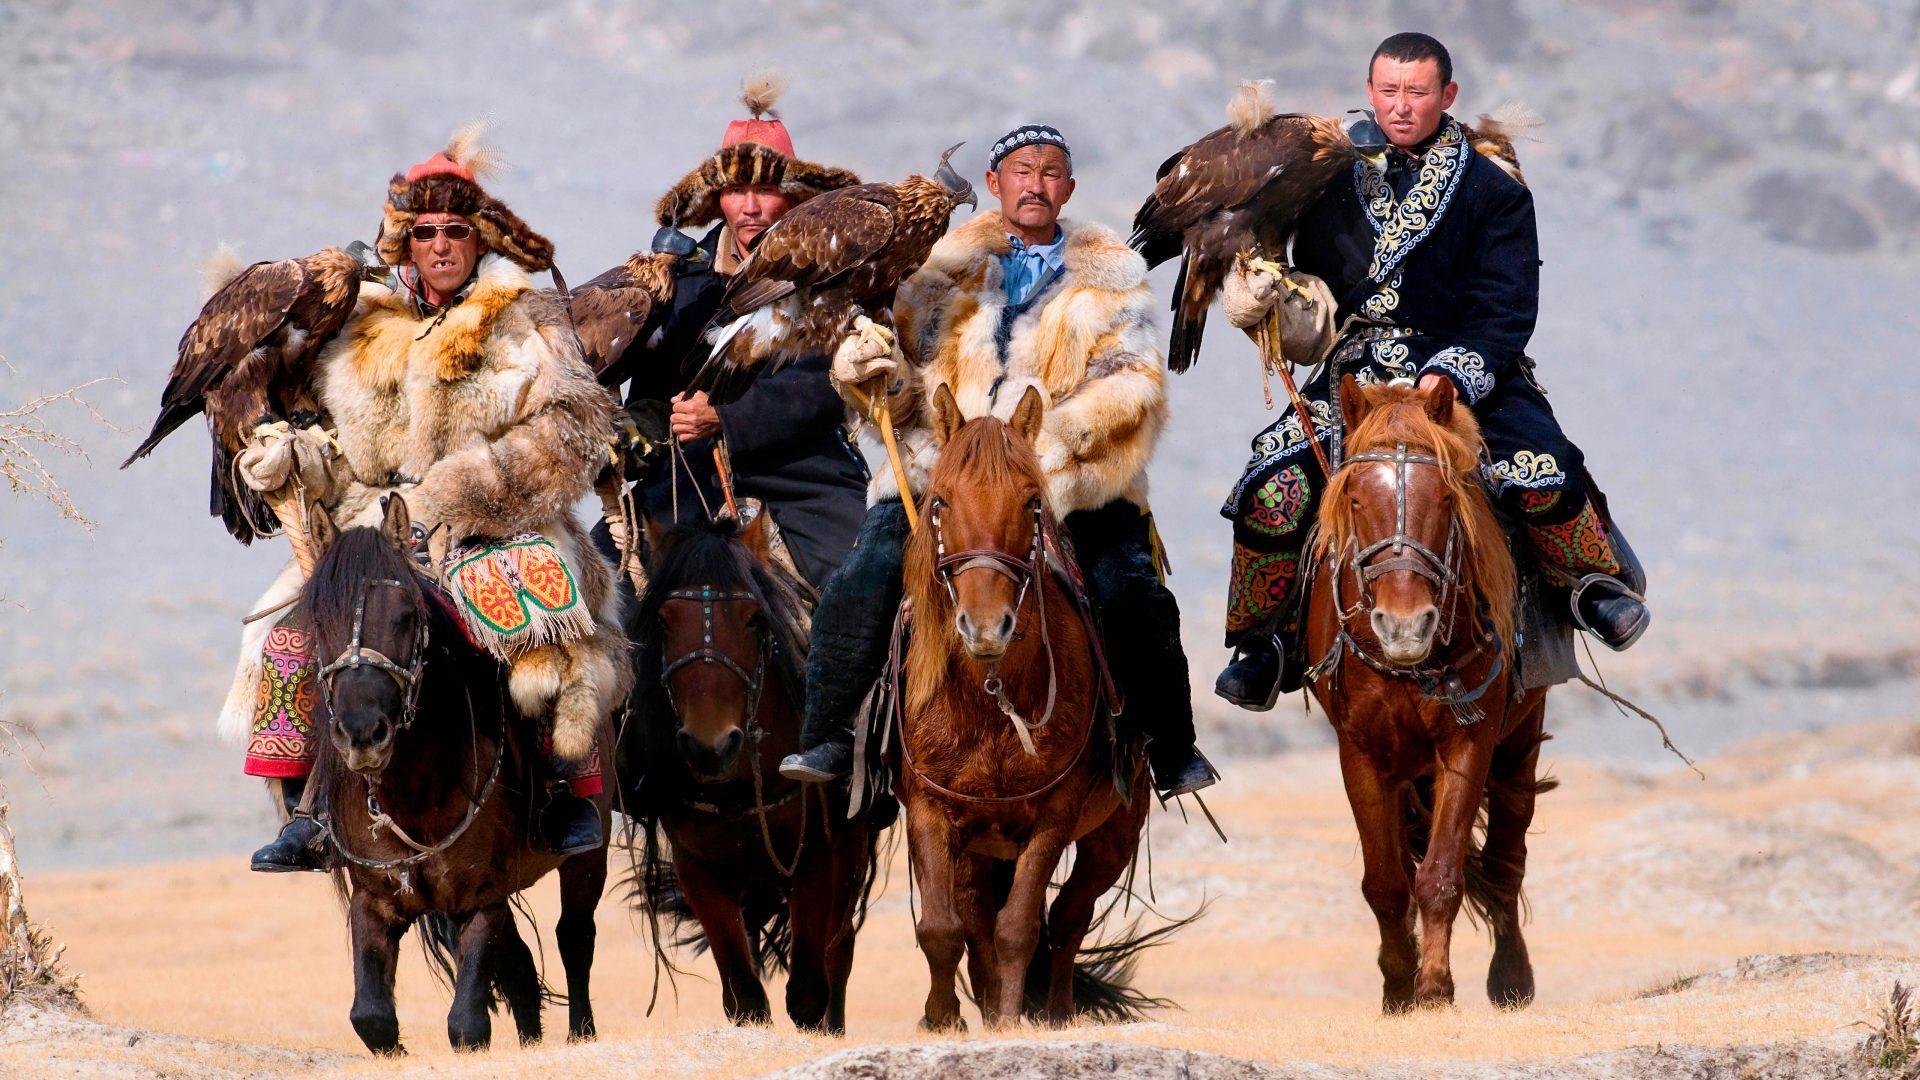 Eagle hunters riding horses to the Eagle Hunters festival in Mongolia.